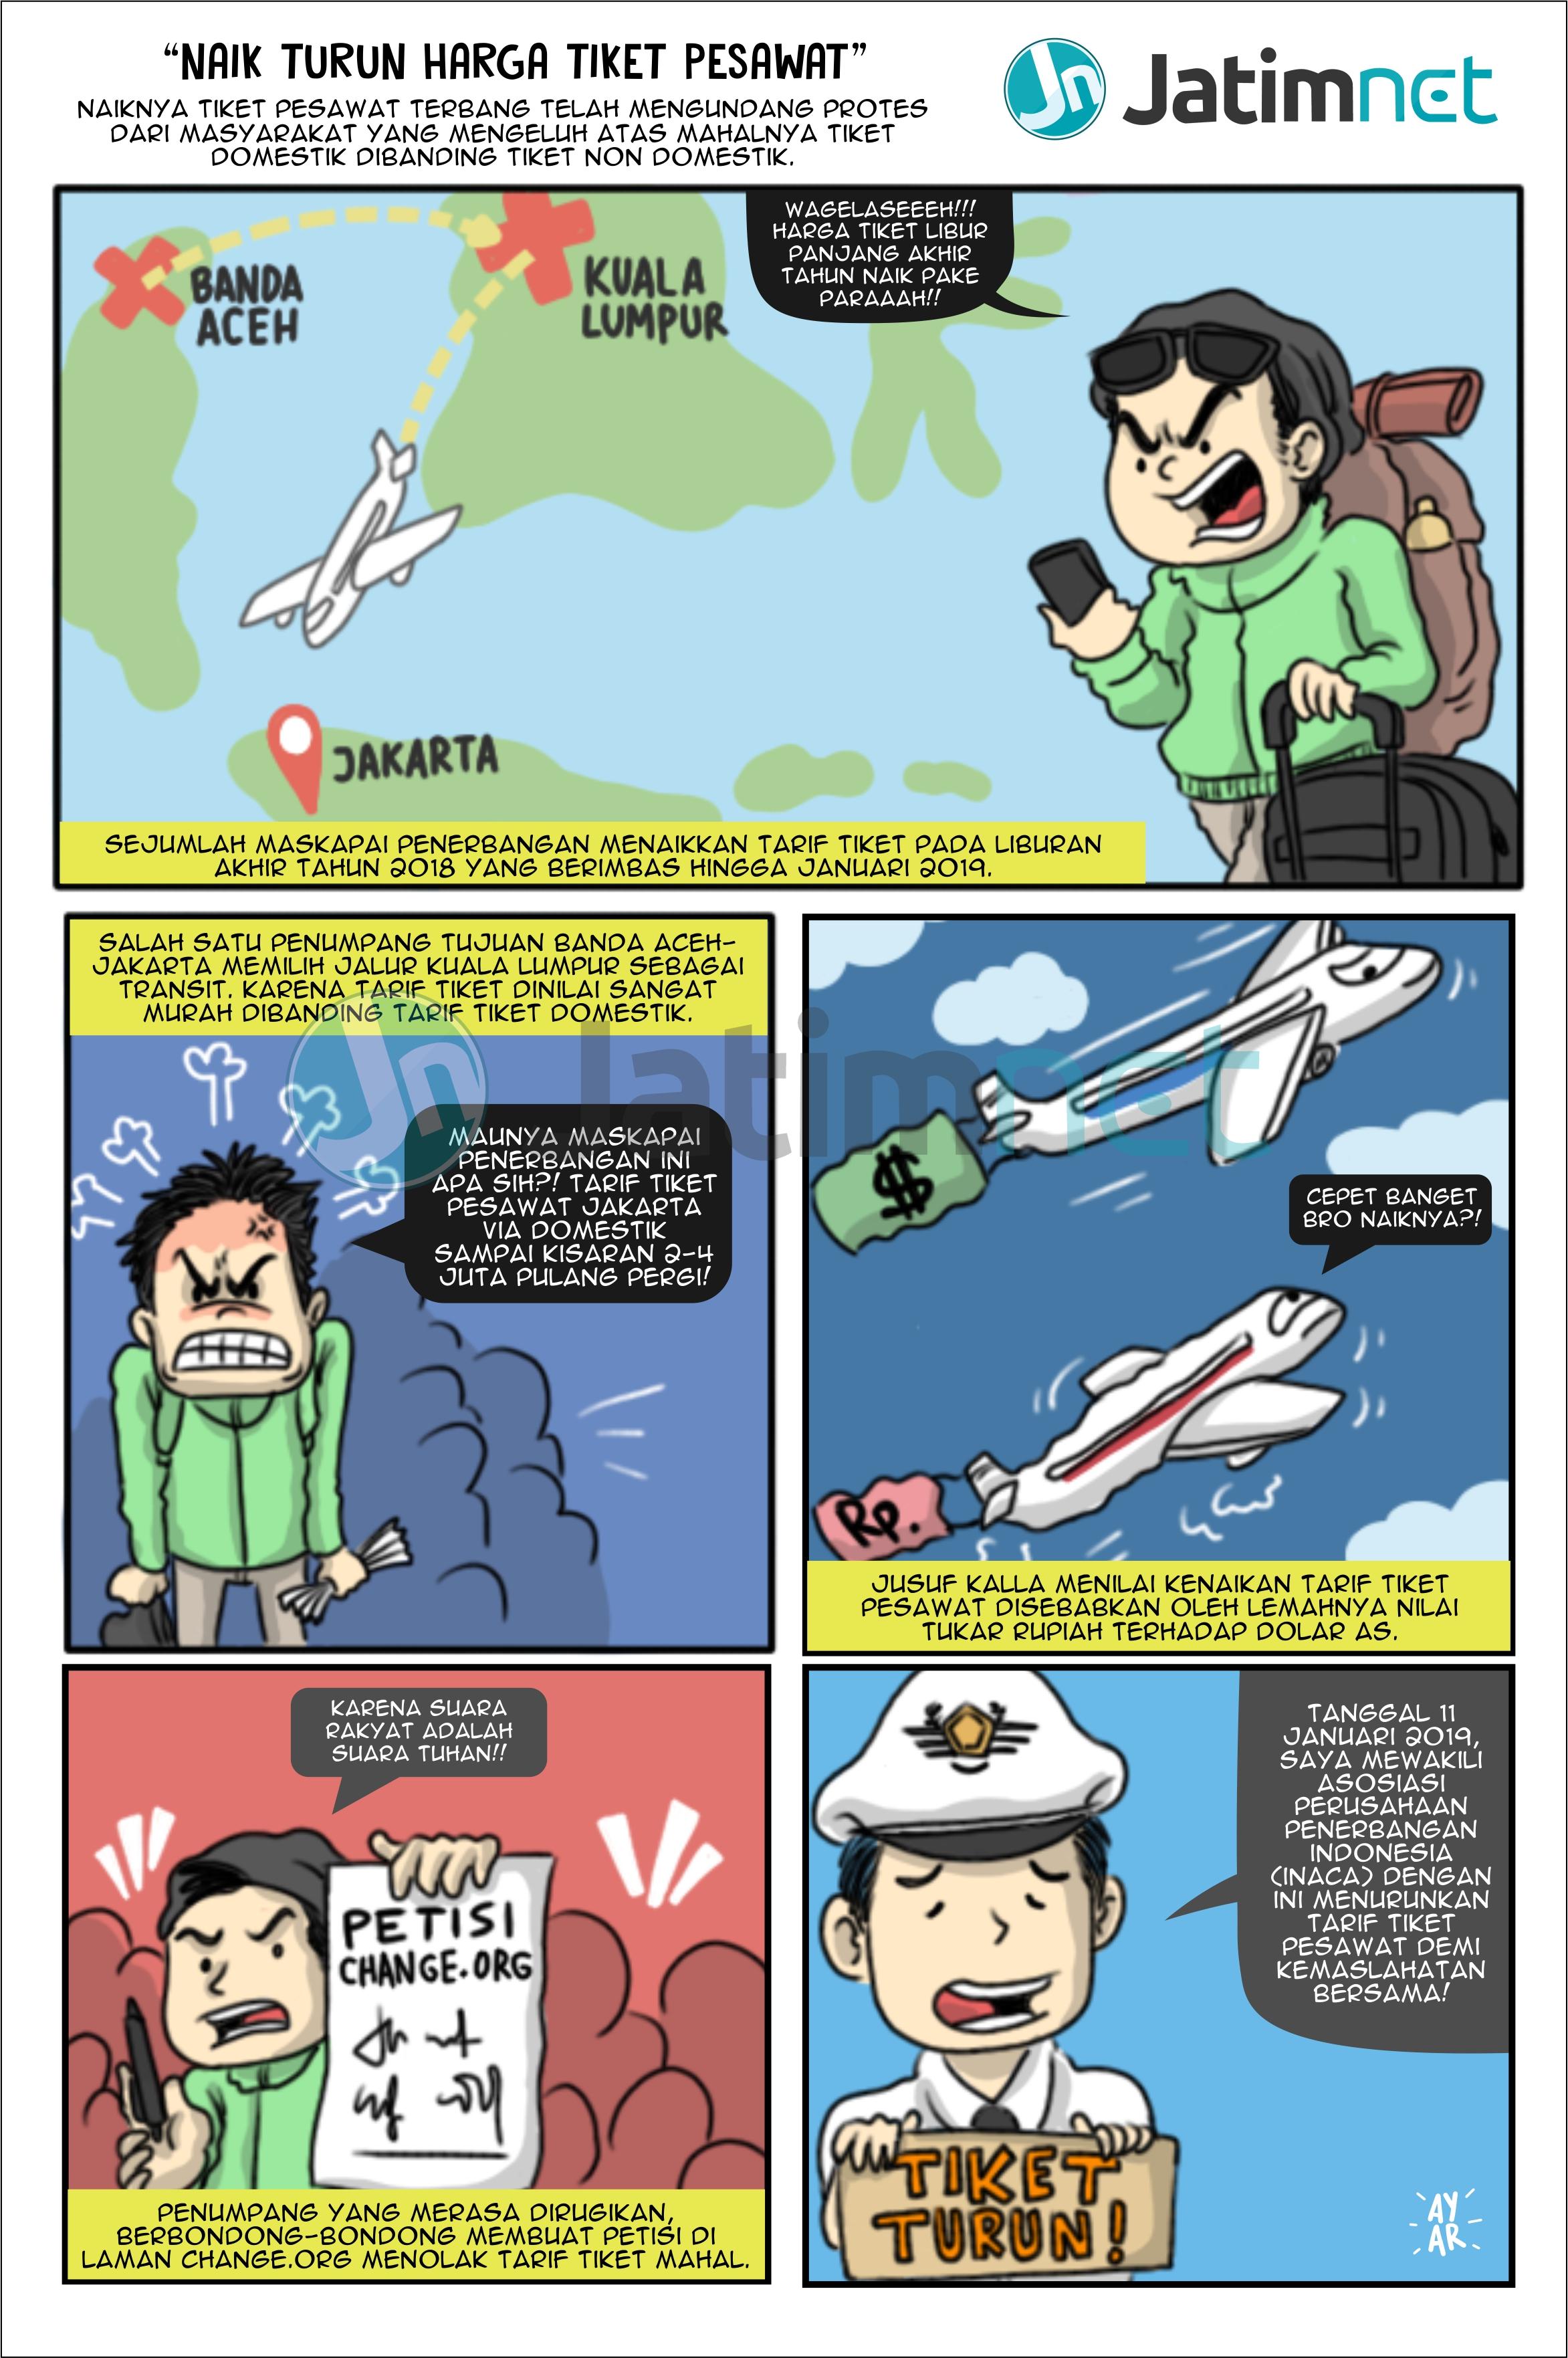 Naik Harga Tiket Penerbangan